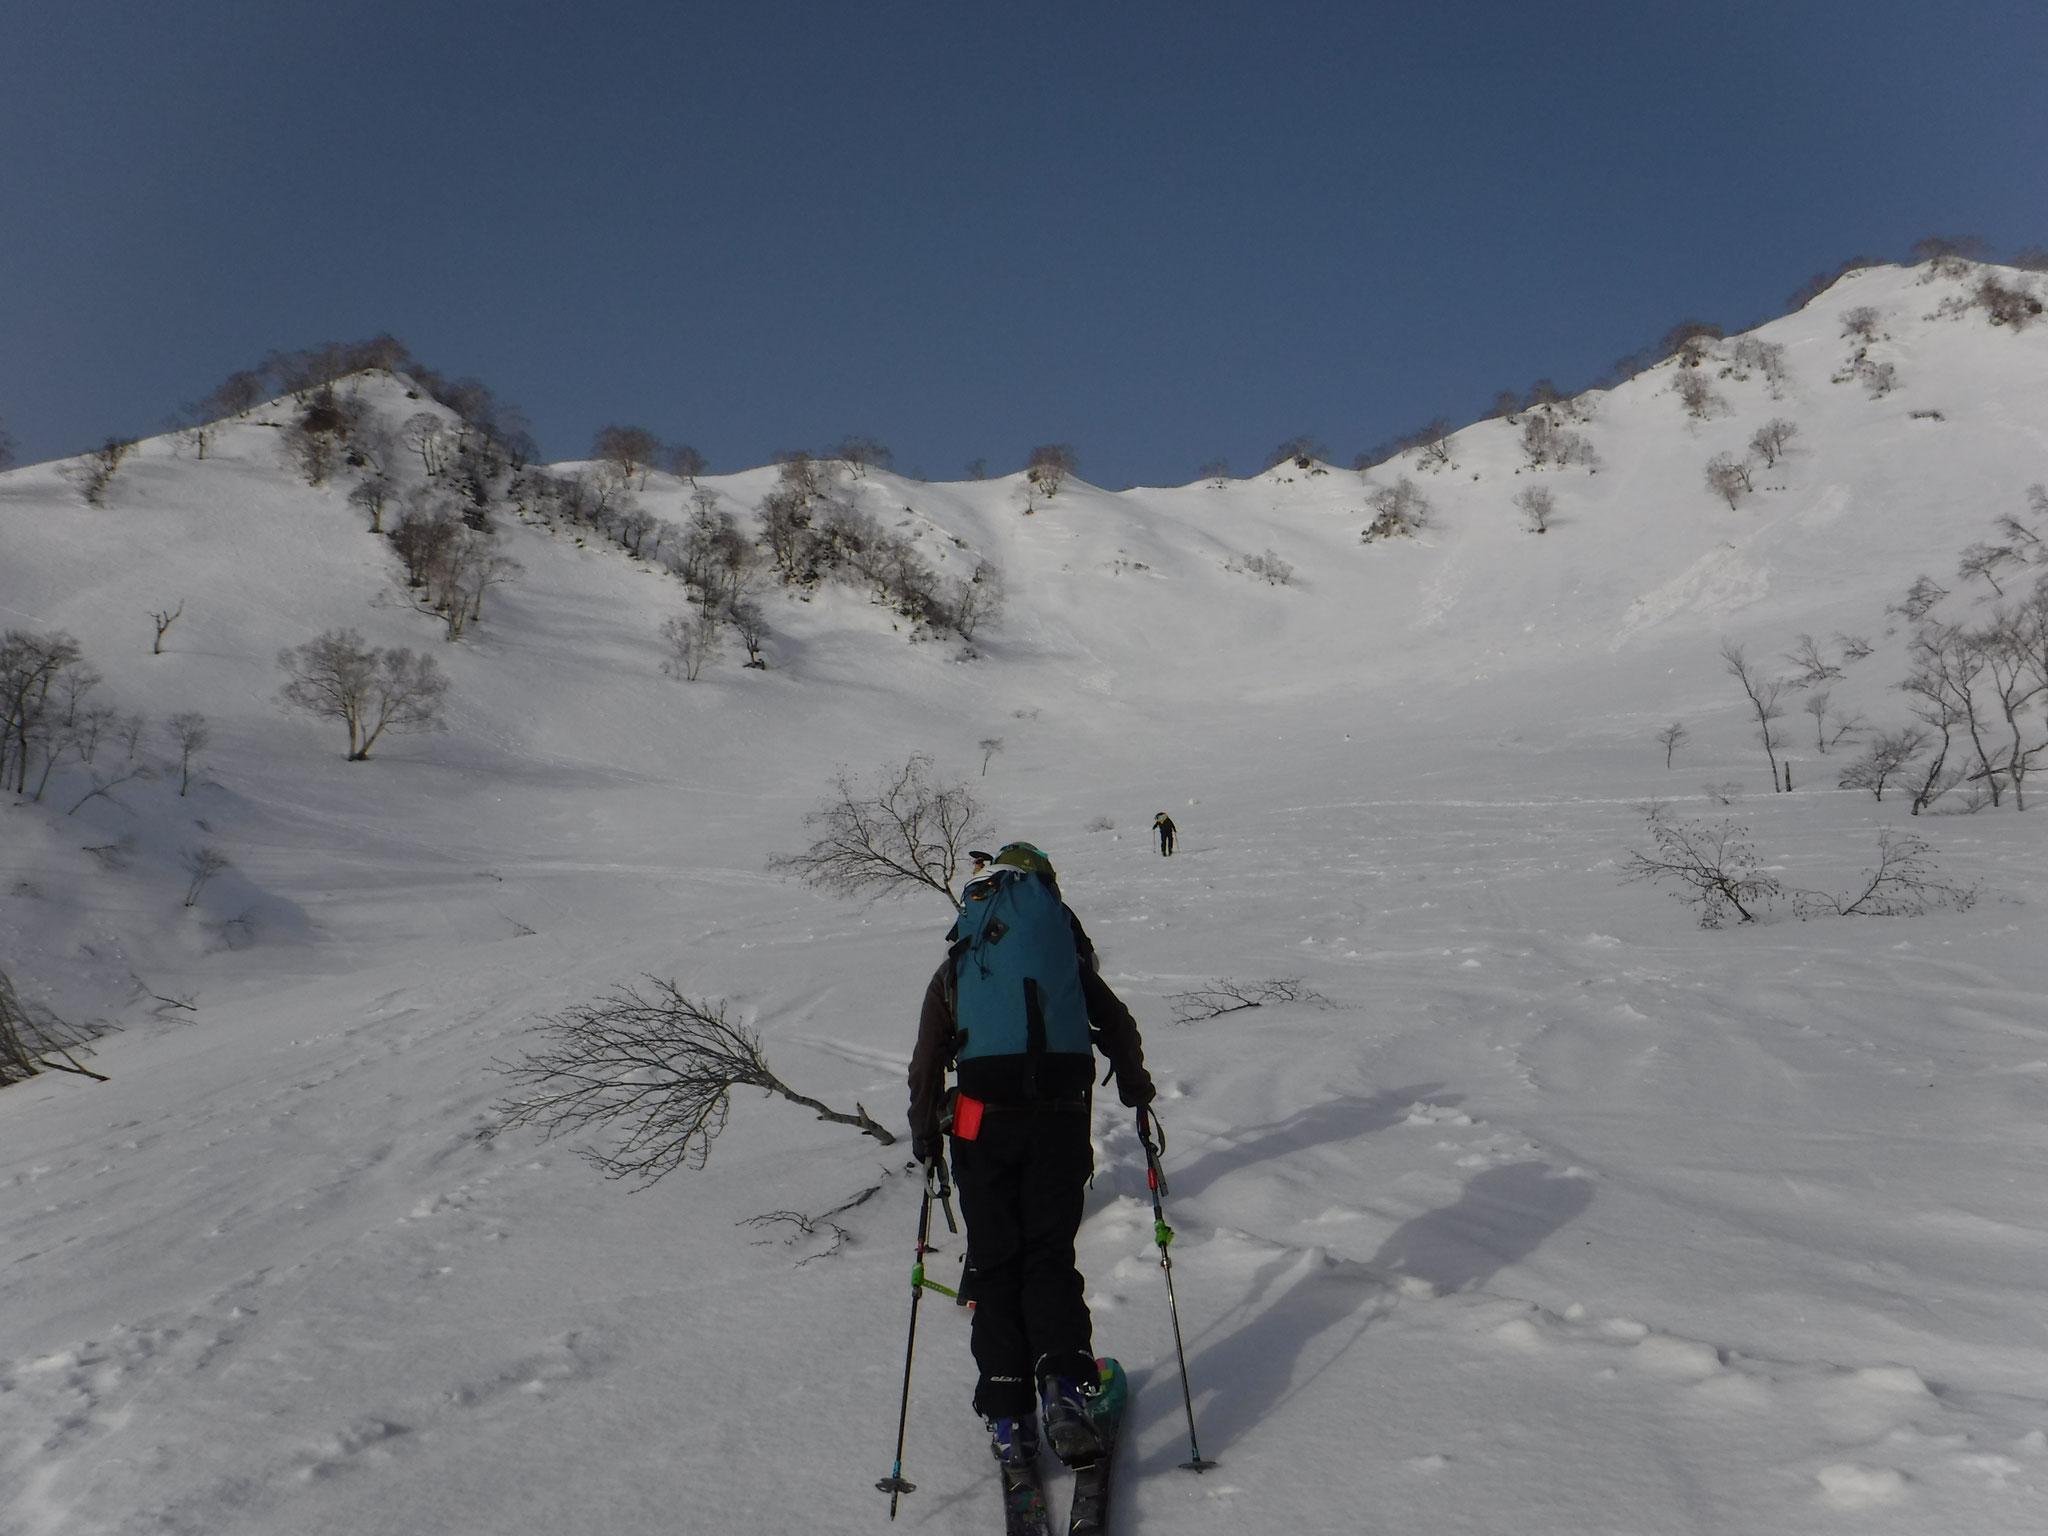 猿倉台地から、小日向のコルに向けて登る、雪は安定していた